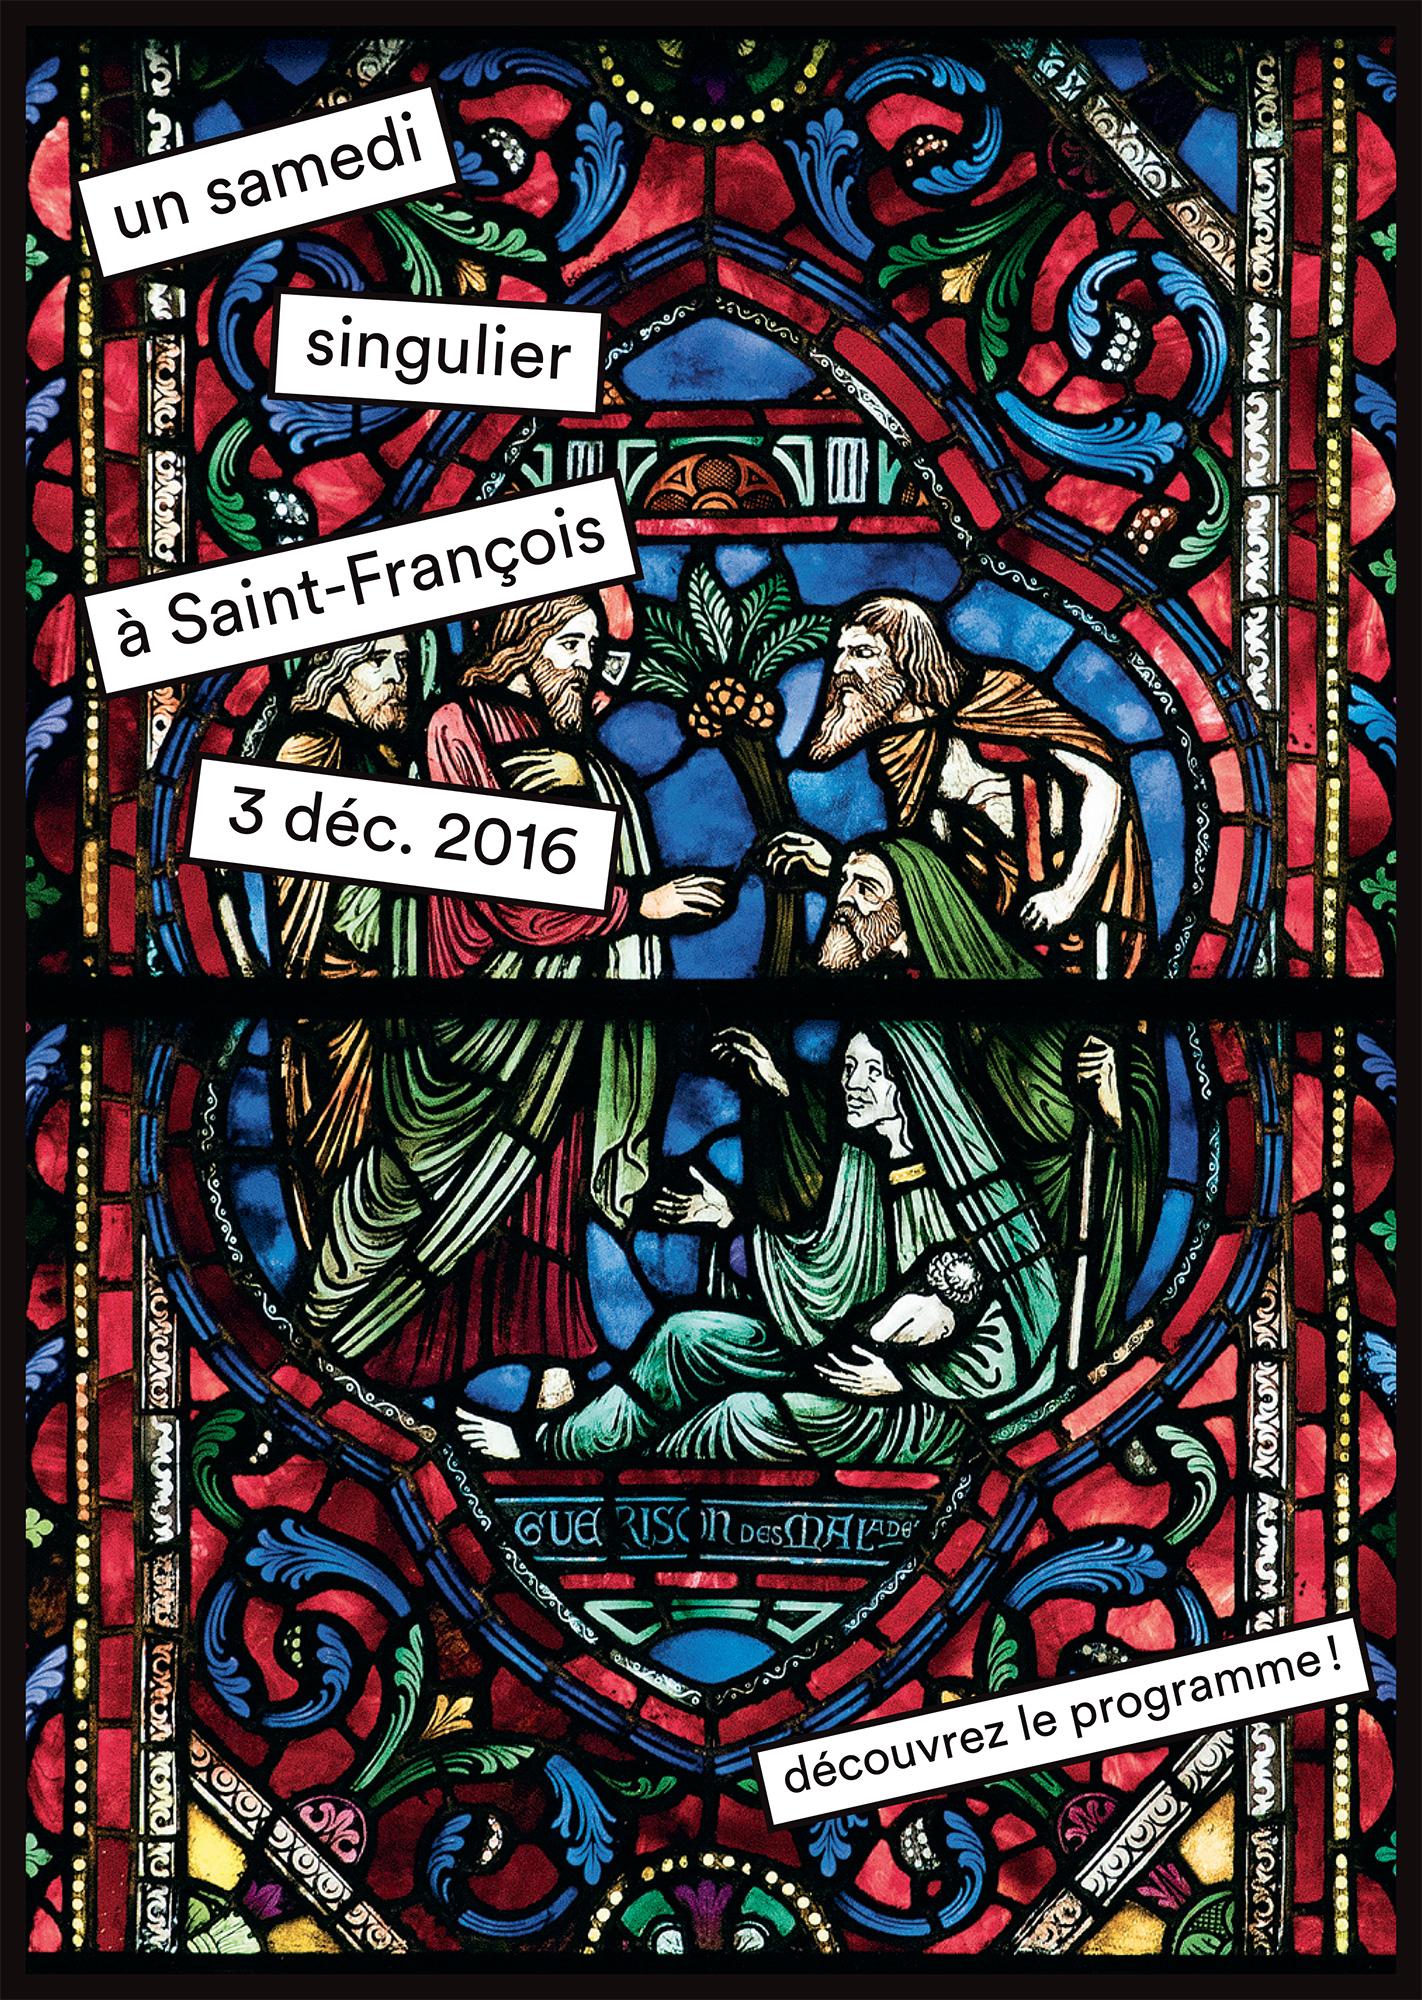 """Affiche pour """"un samedi singulier à St-François"""""""